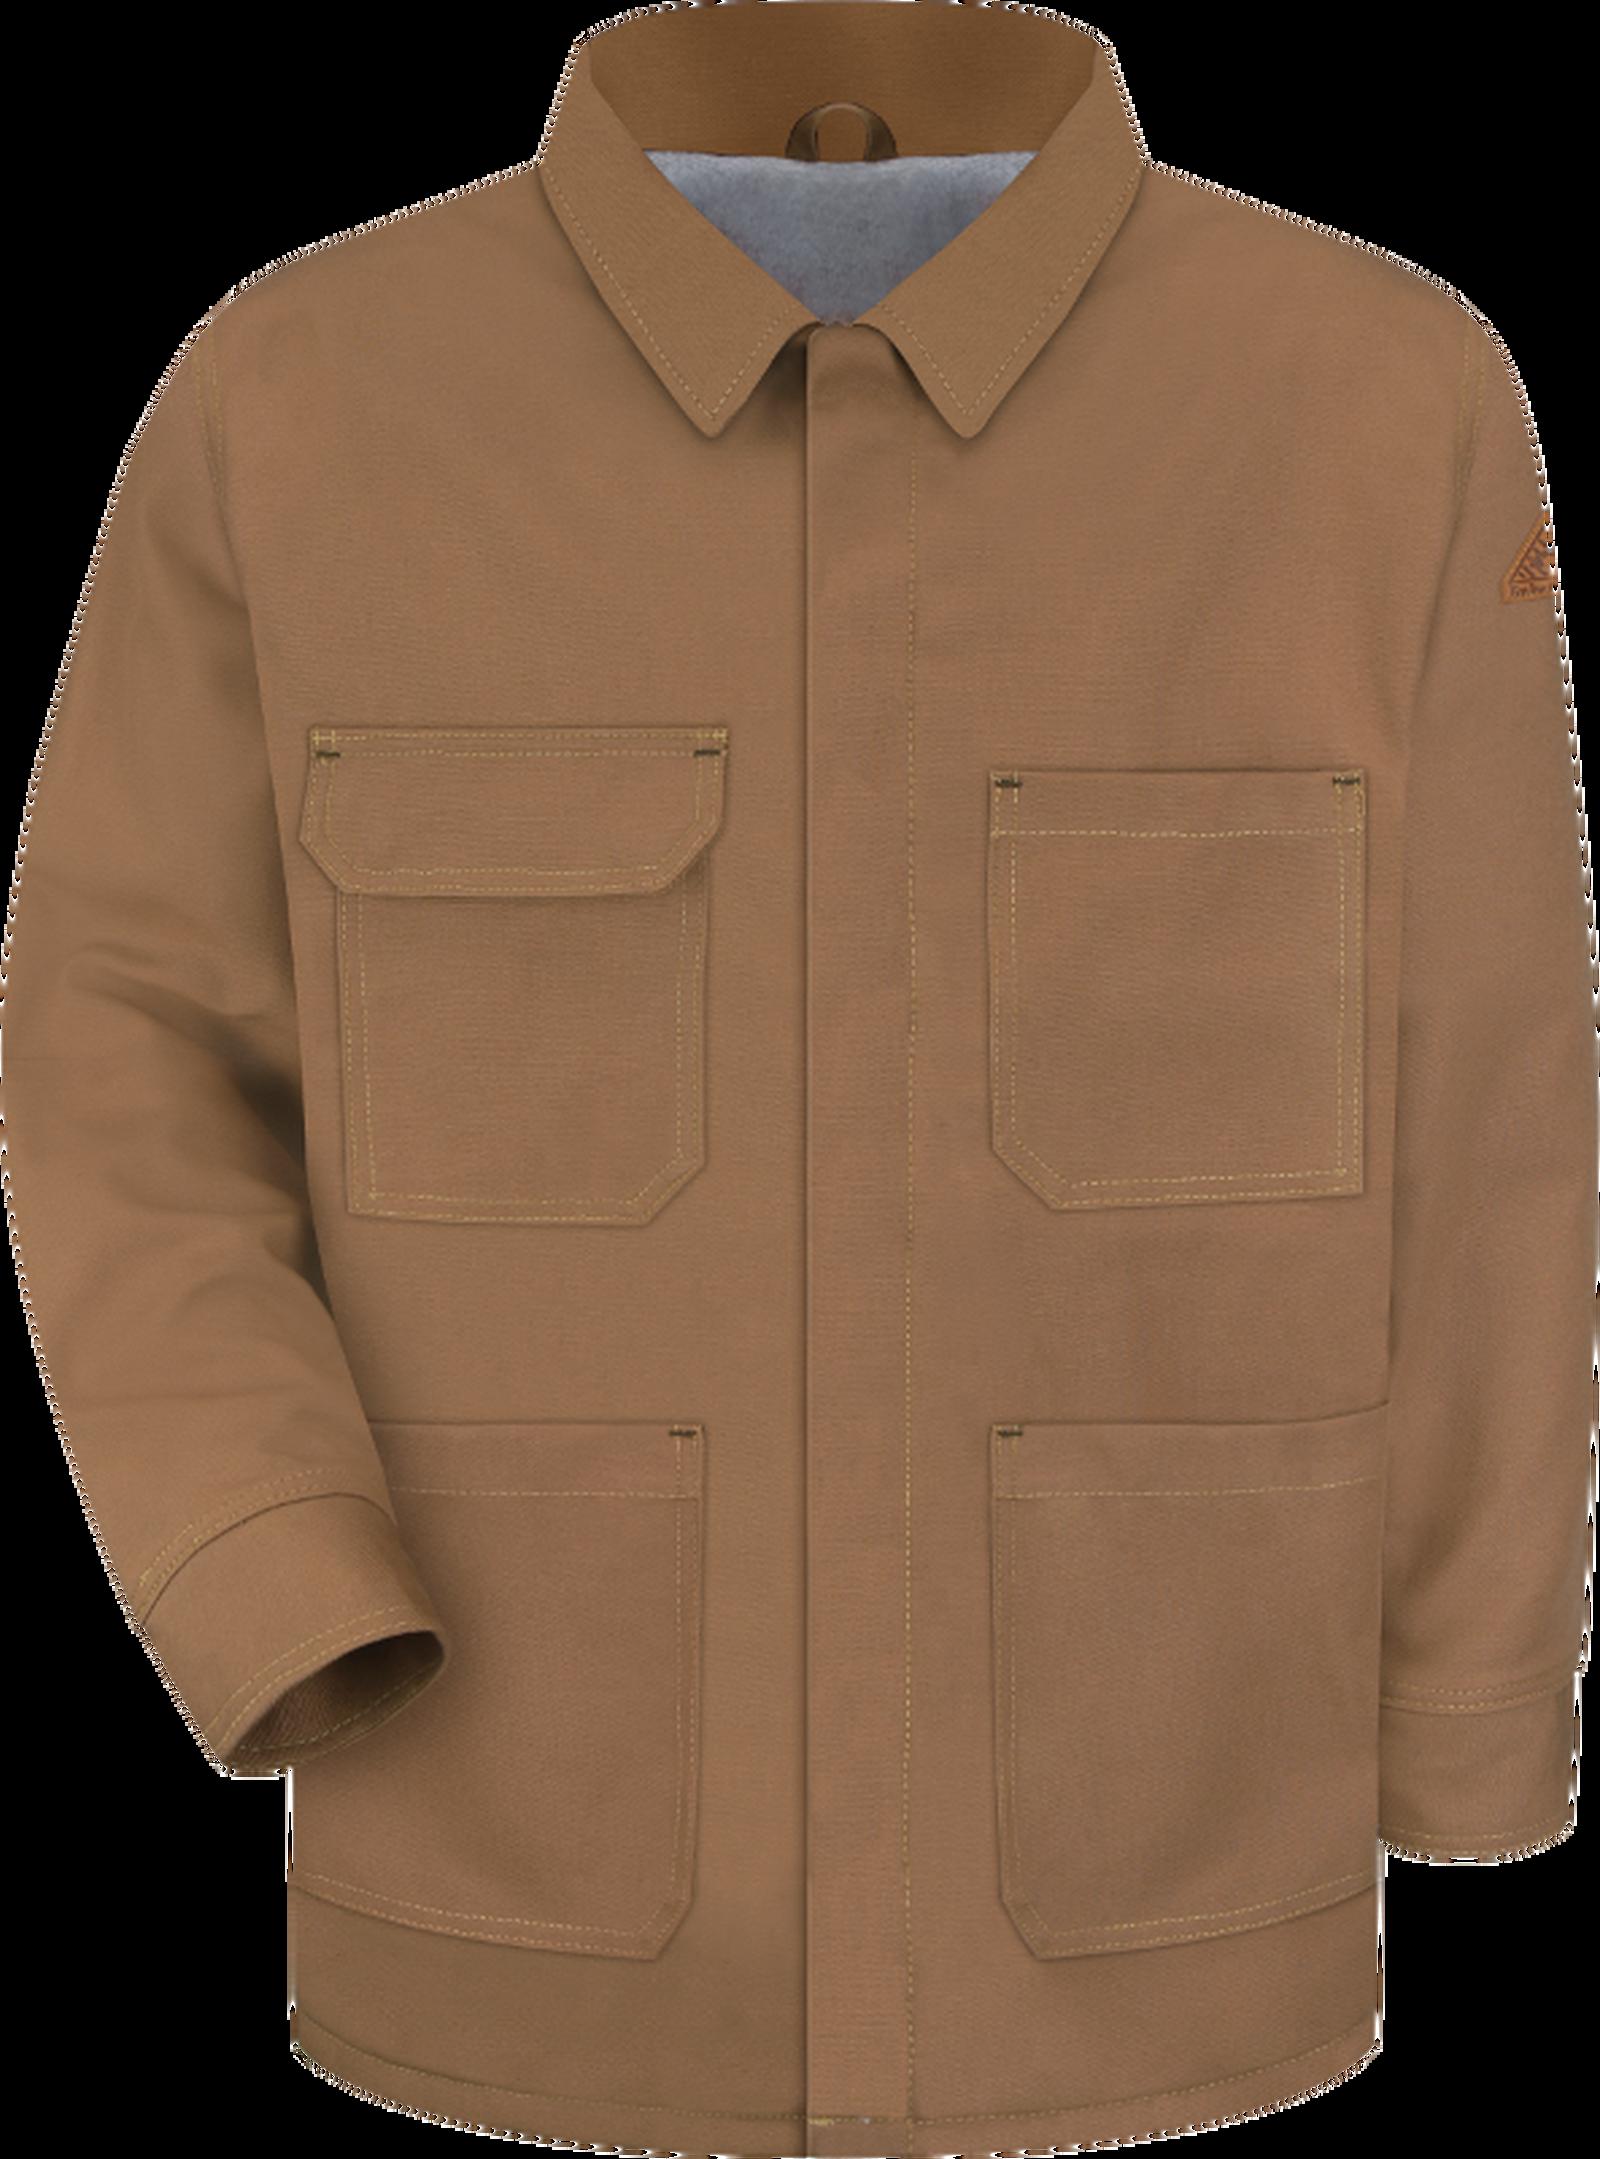 Men's Heavyweight FR Brown Duck Lineman's Coat